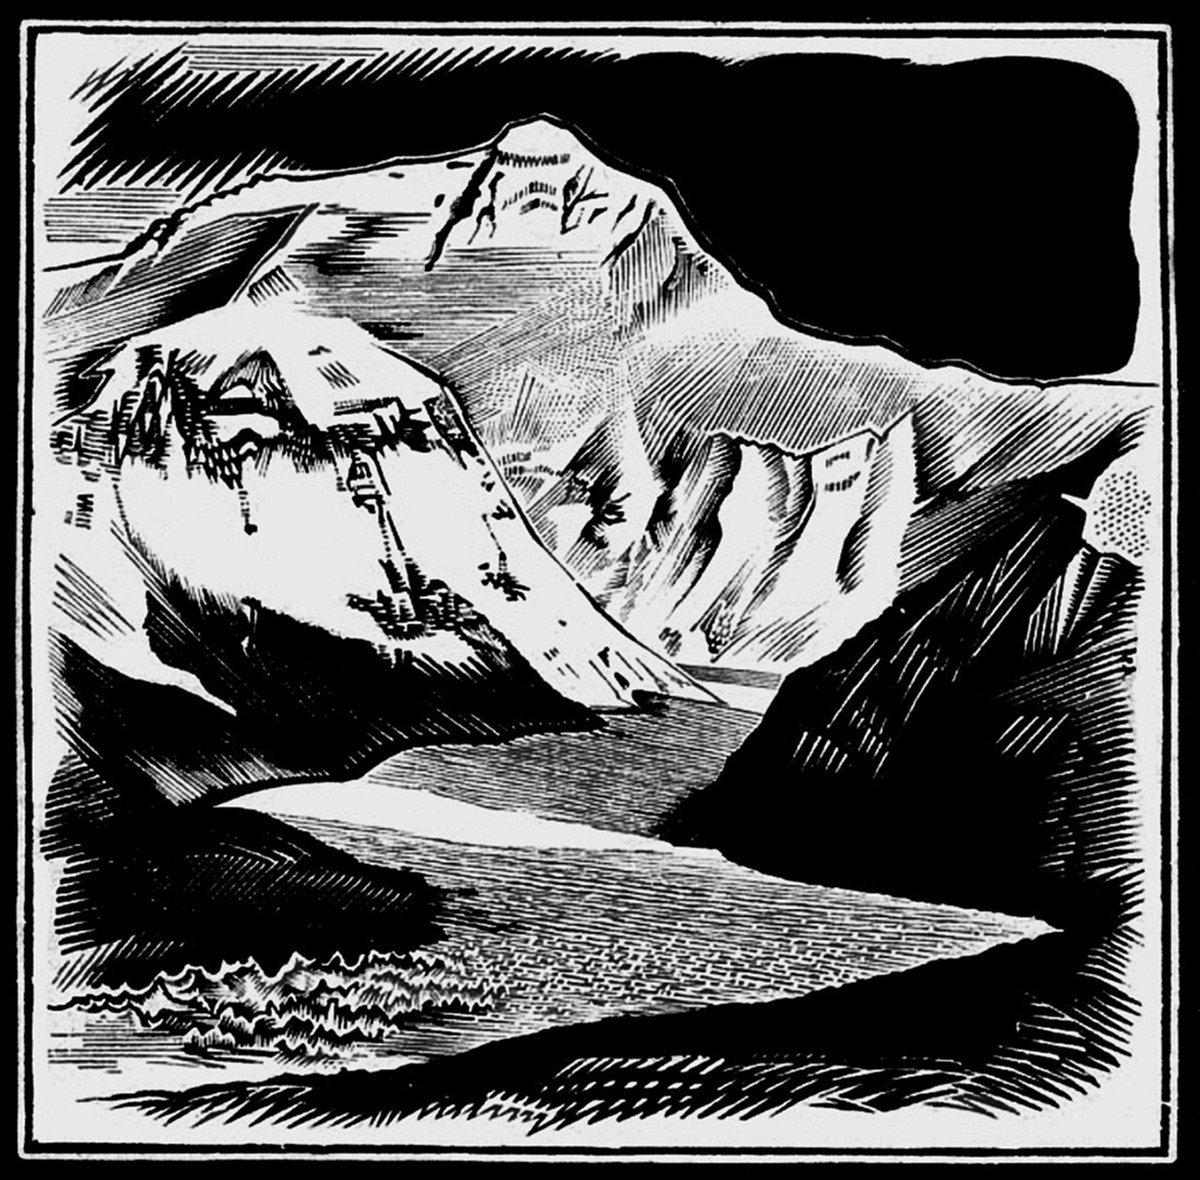 Vinilo : Devilgroth - Landschaft (Gatefold LP Jacket, Black, Bonus Tracks, Limited Edition, 2PC)